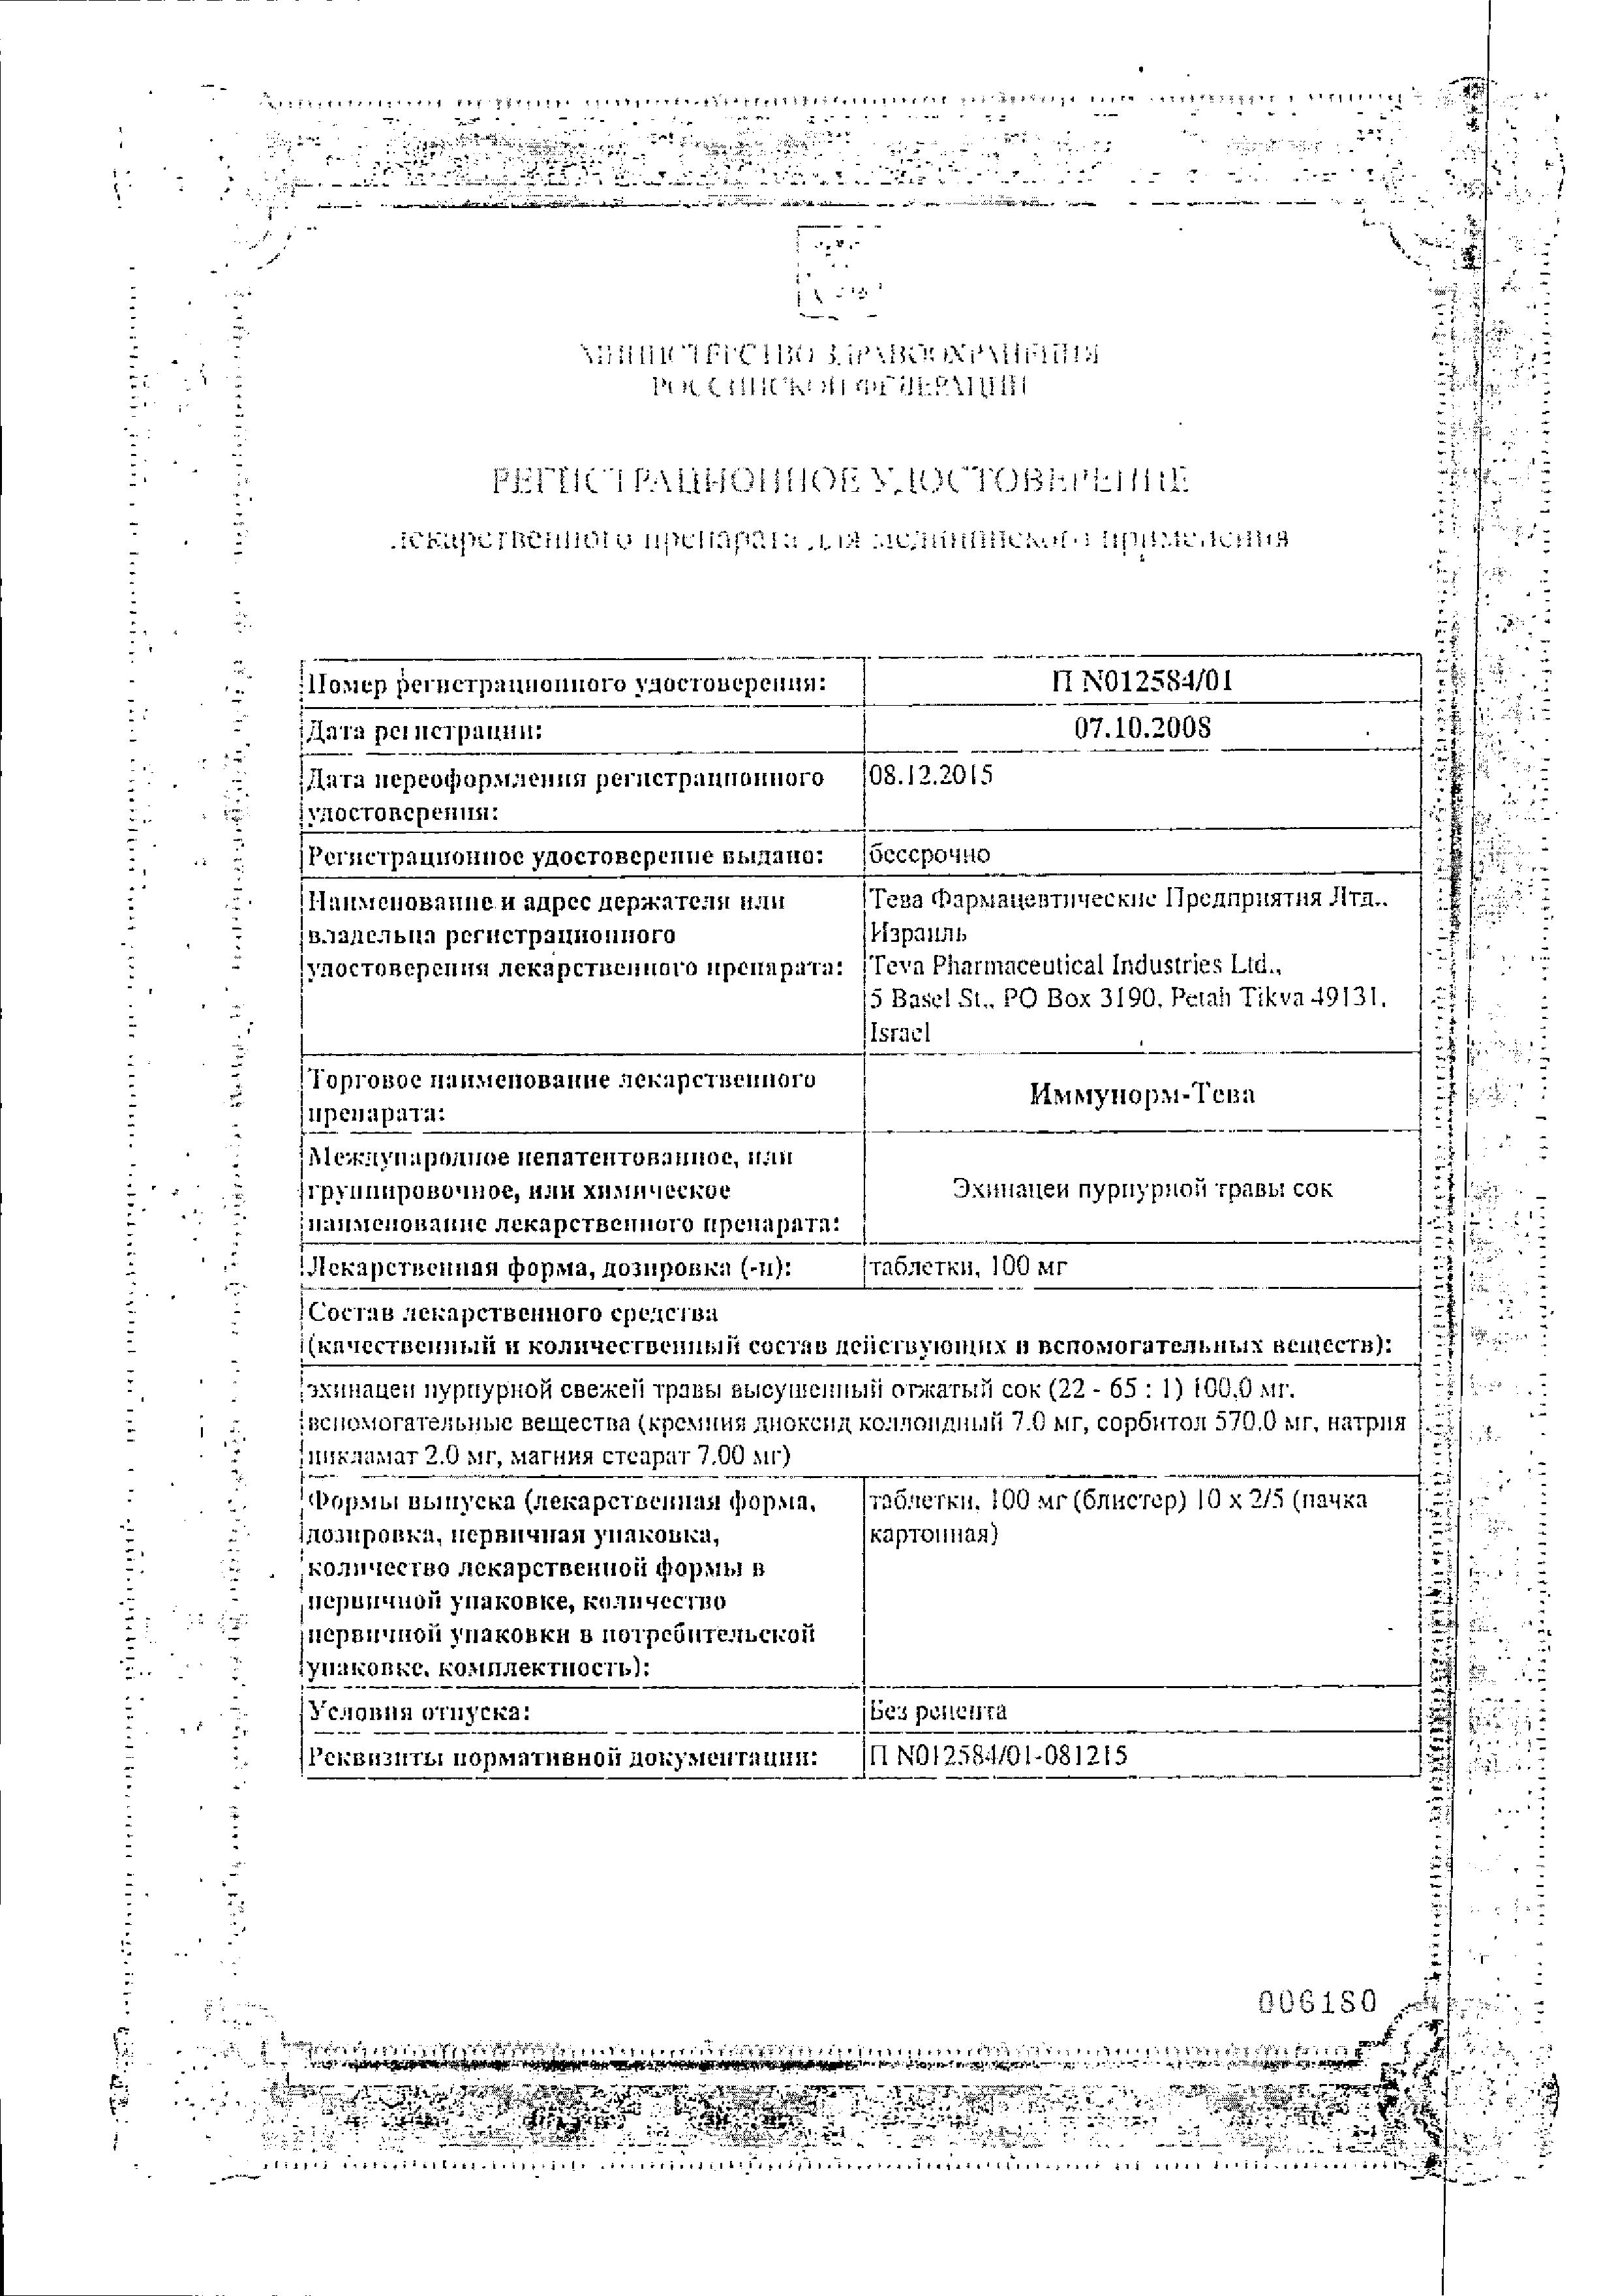 Иммунорм сертификат